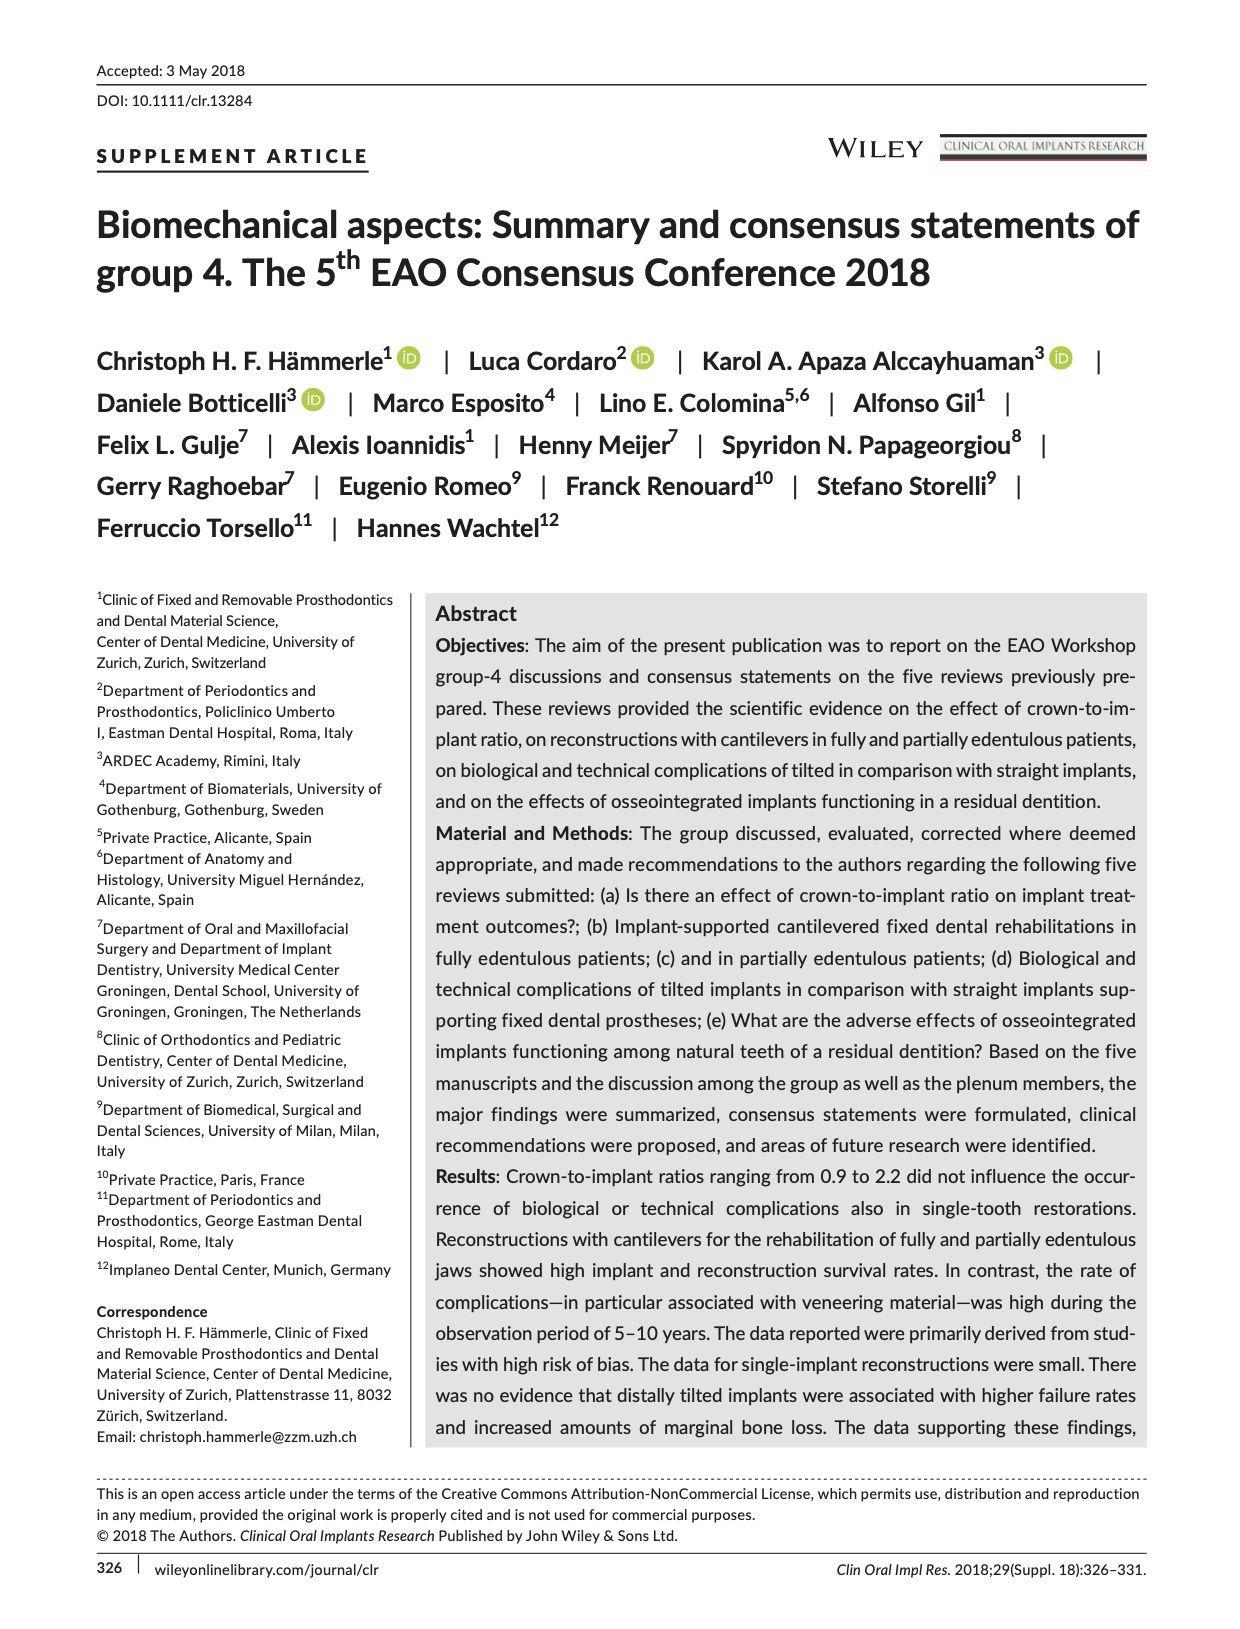 5th EAO Consensus Conference - Esteve-Colomina L